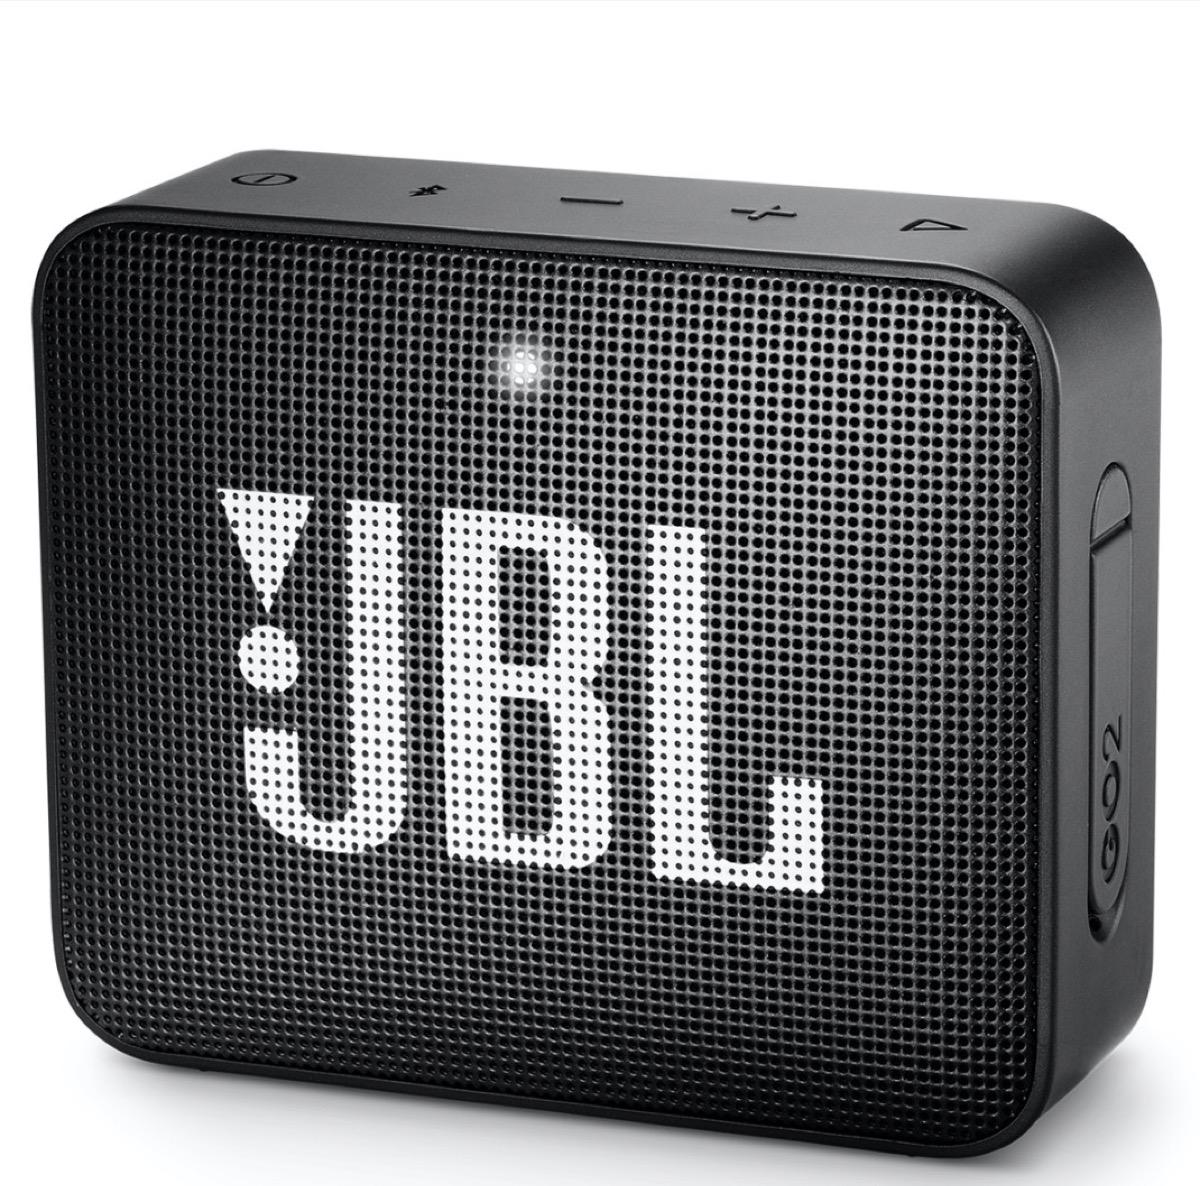 waterproof black jbl speaker